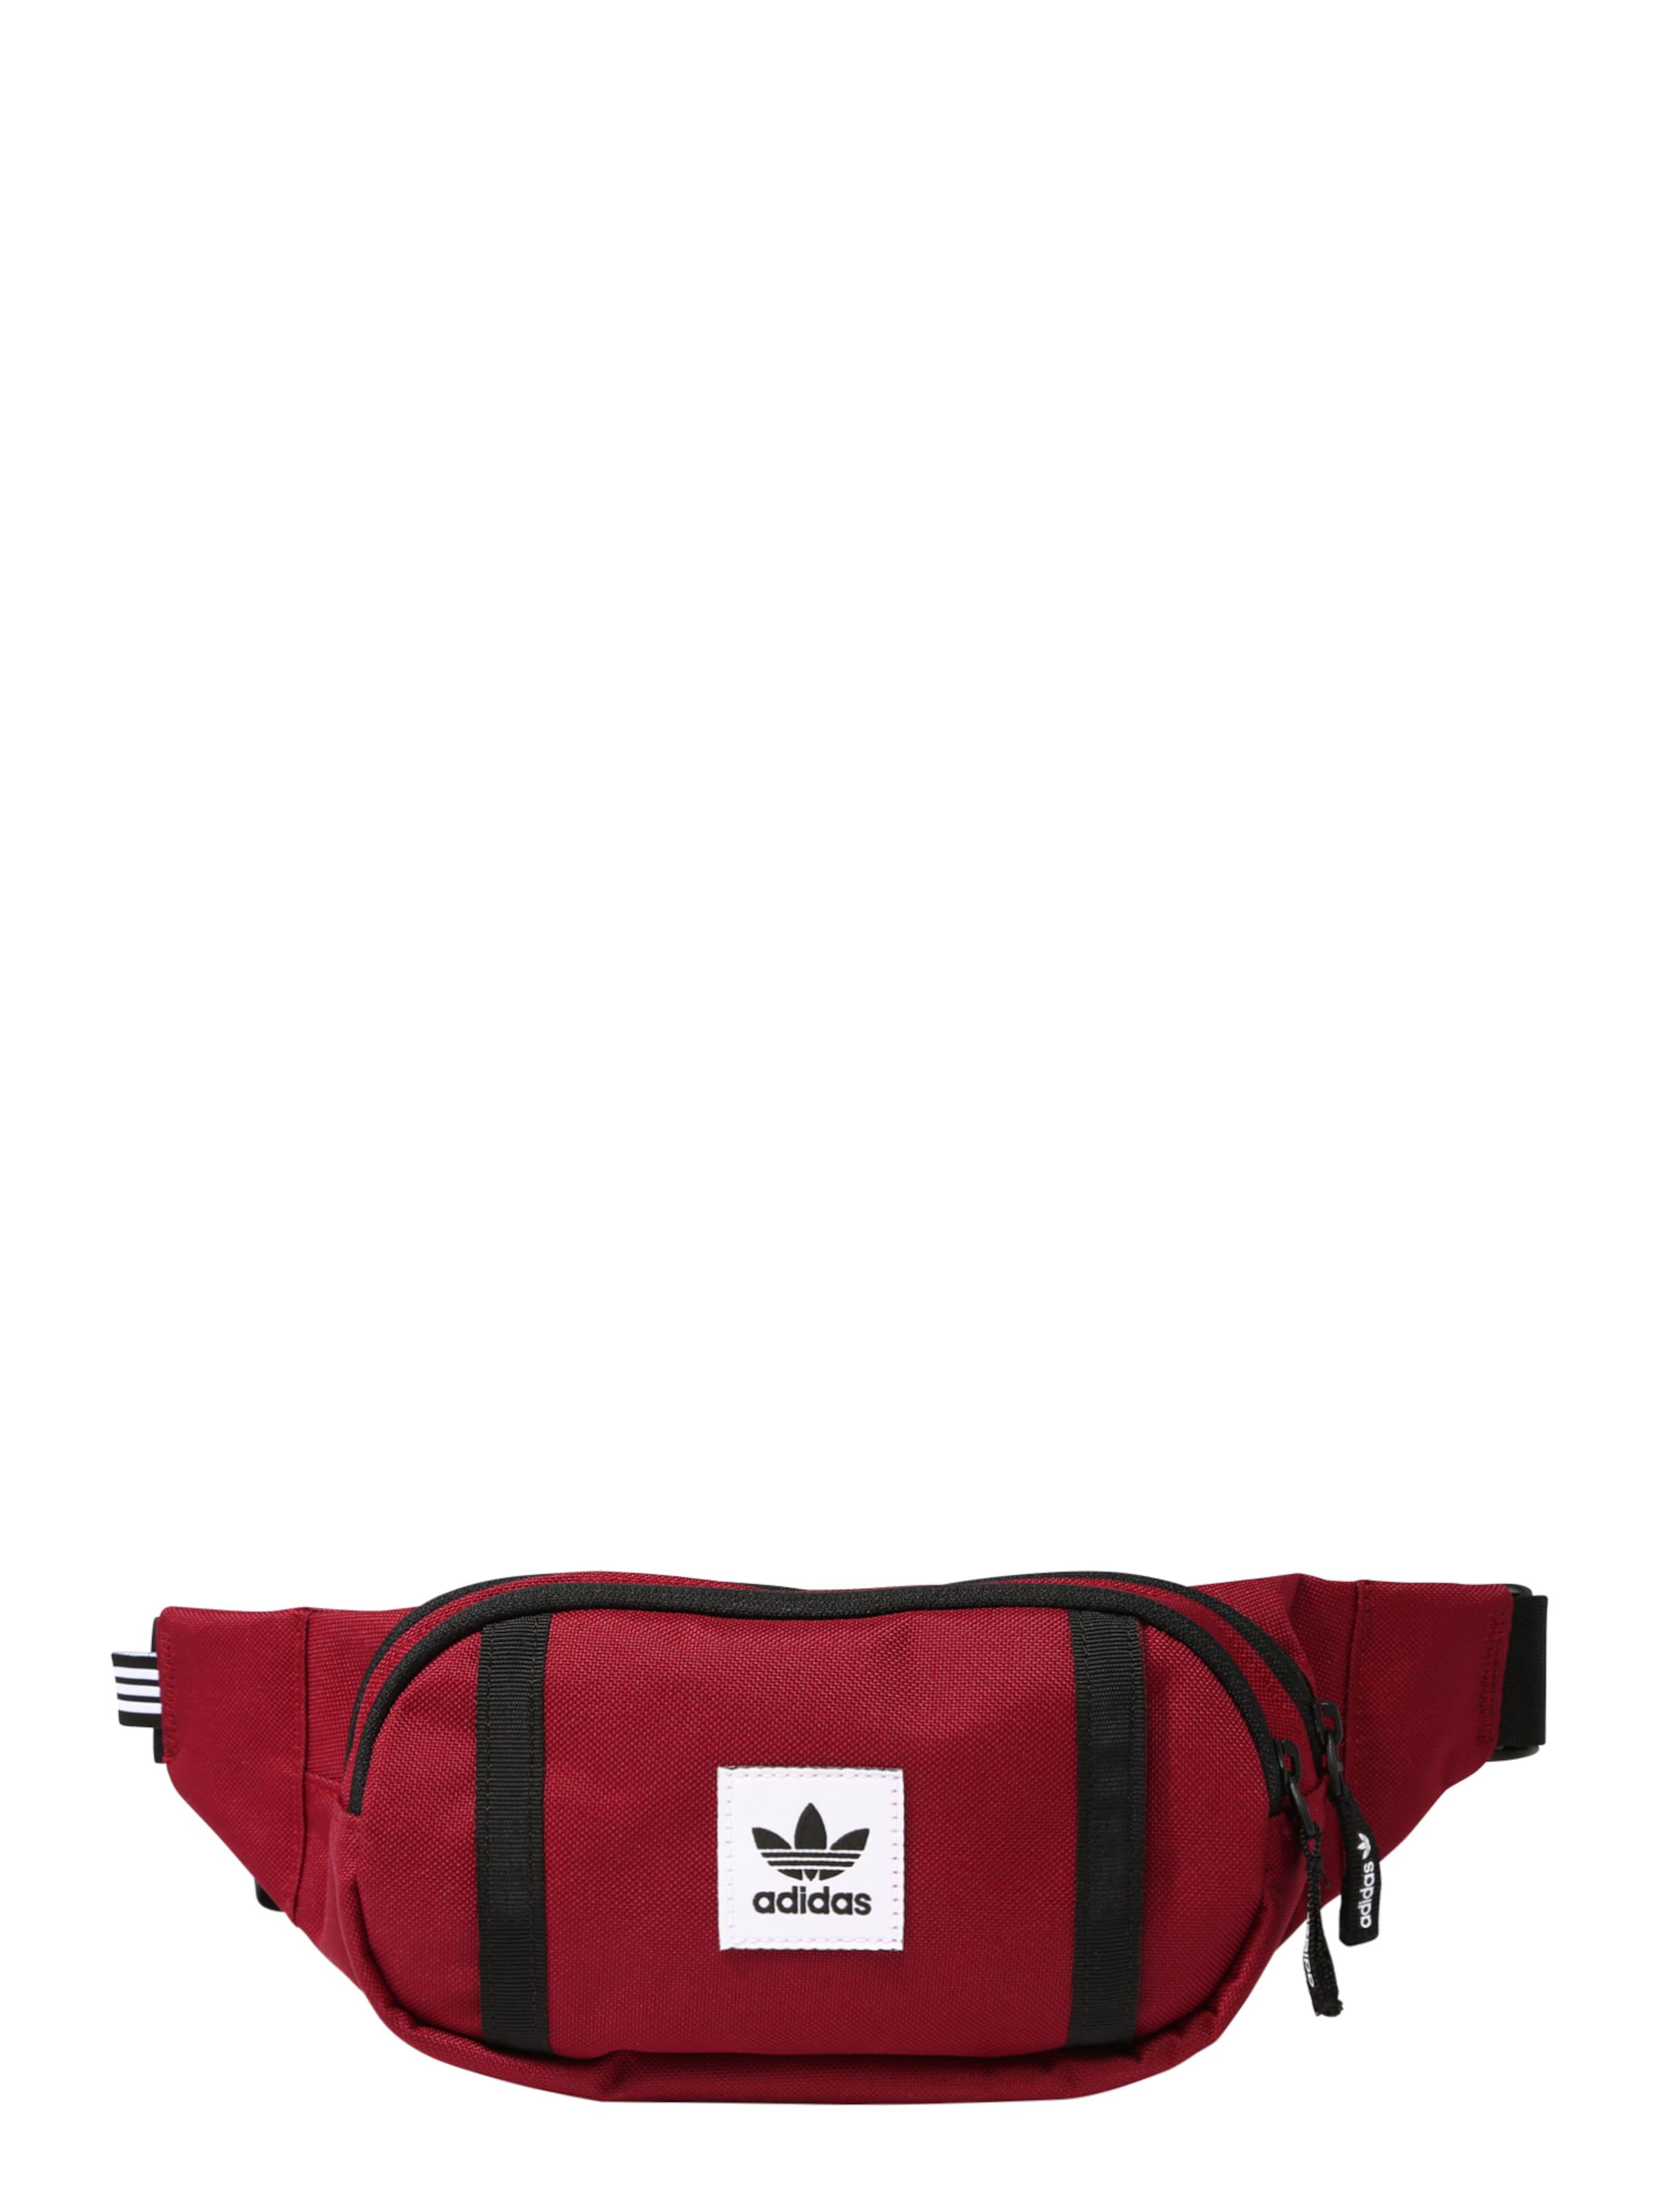 Ess Adidas Cbody' Originals Weinrot In Tasche 'prem Yf7vIbgy6